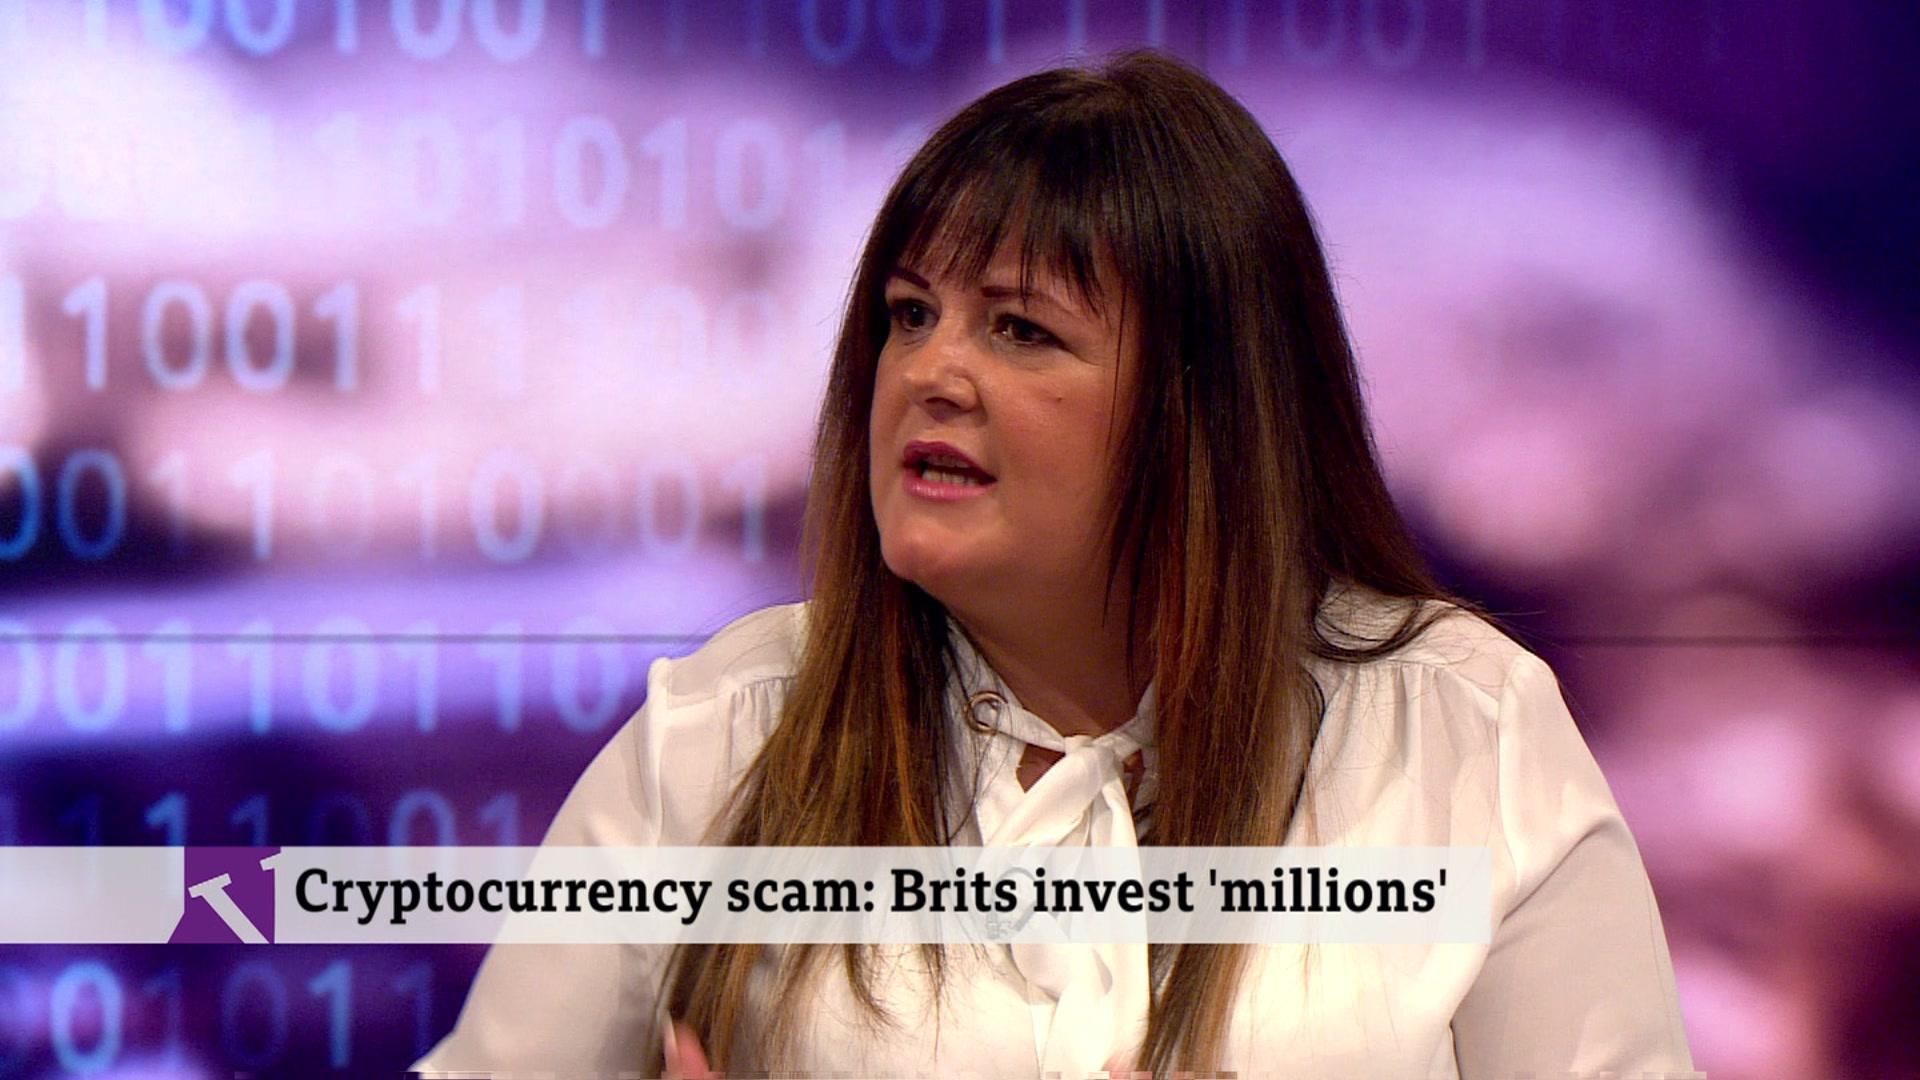 Džen Makadam u emisiju Viktorije Derbišajer na BBC-ju